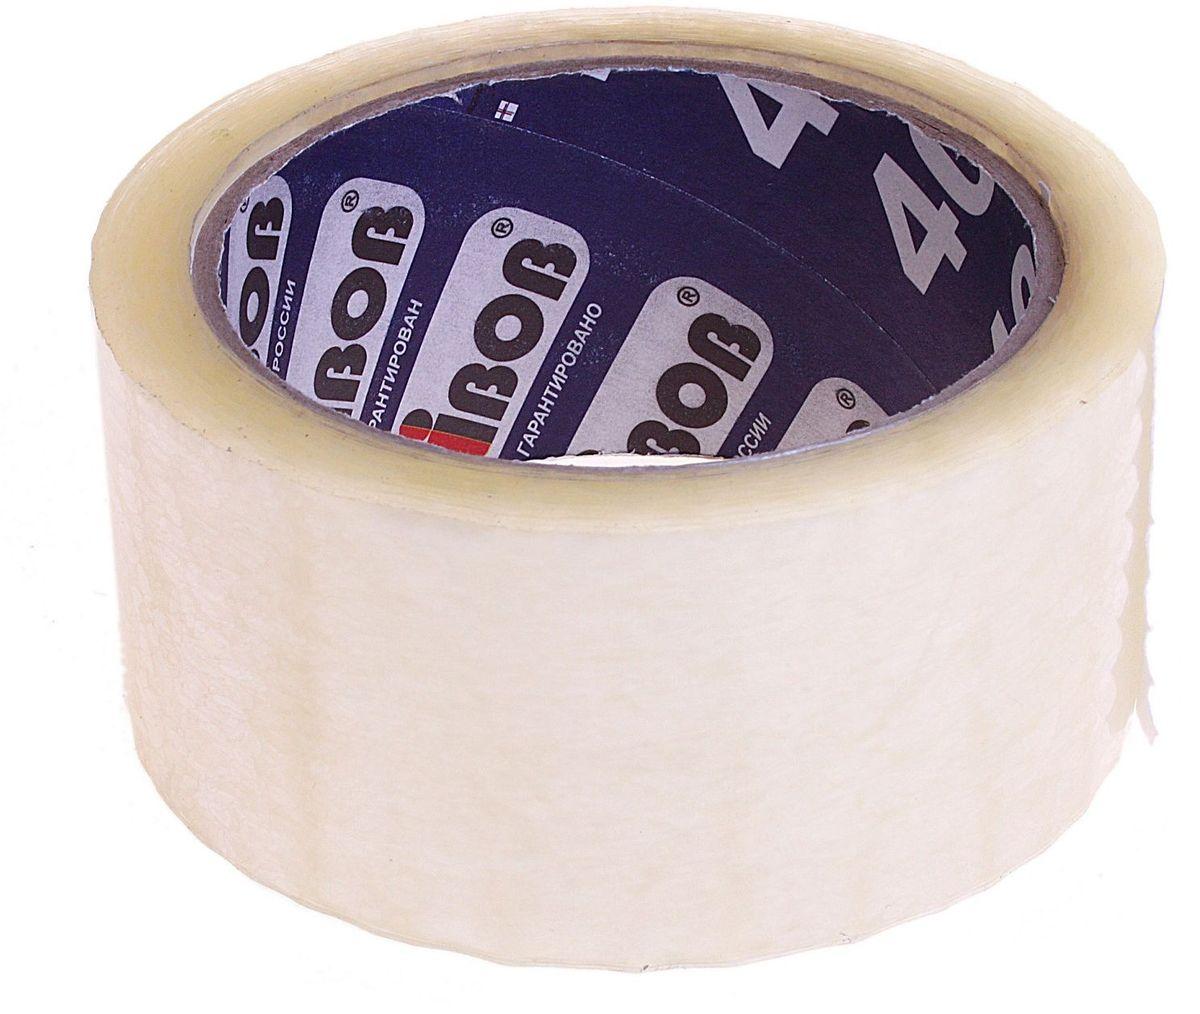 Клейкая лента 48 мм х 66 м цвет прозрачный584577Клейкая лента на полипропиленовой основе это водонепроницаемое изделие, которое способно противостоять широкому диапазону температур. Применяется в быту для упаковки:- легких и тяжелых коробок, изготовленных из гофрокартона,- строительных смесей,- масложировой продукции и мороженого,- канцелярских товаров,- промышленных товаров. Клейкая лента поможет скрепить предметы в любой ситуации, например, если вы делаете ремонт или меняете место жительства и пакуете коробки.